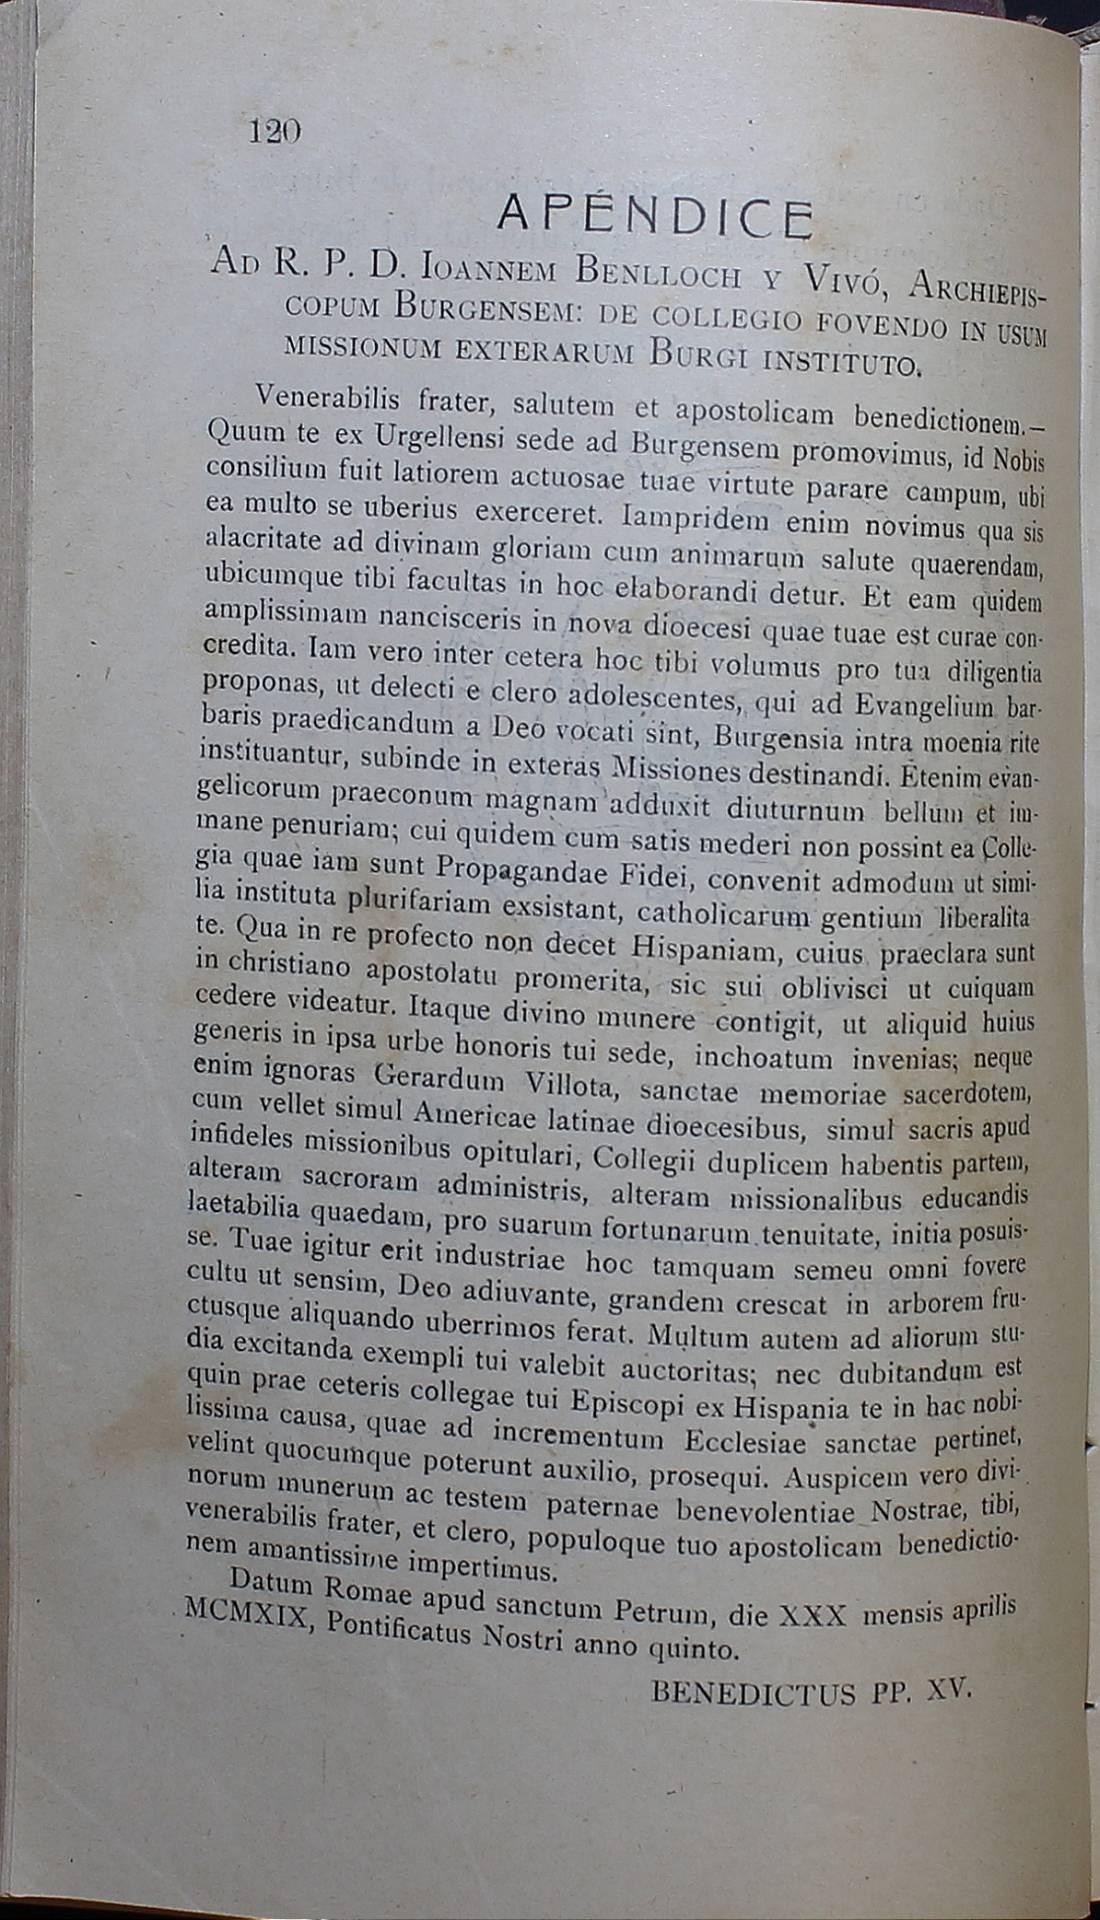 El texto de la carta, publicado en el Boletín Oficial del Arzobispado en abril de 1919.